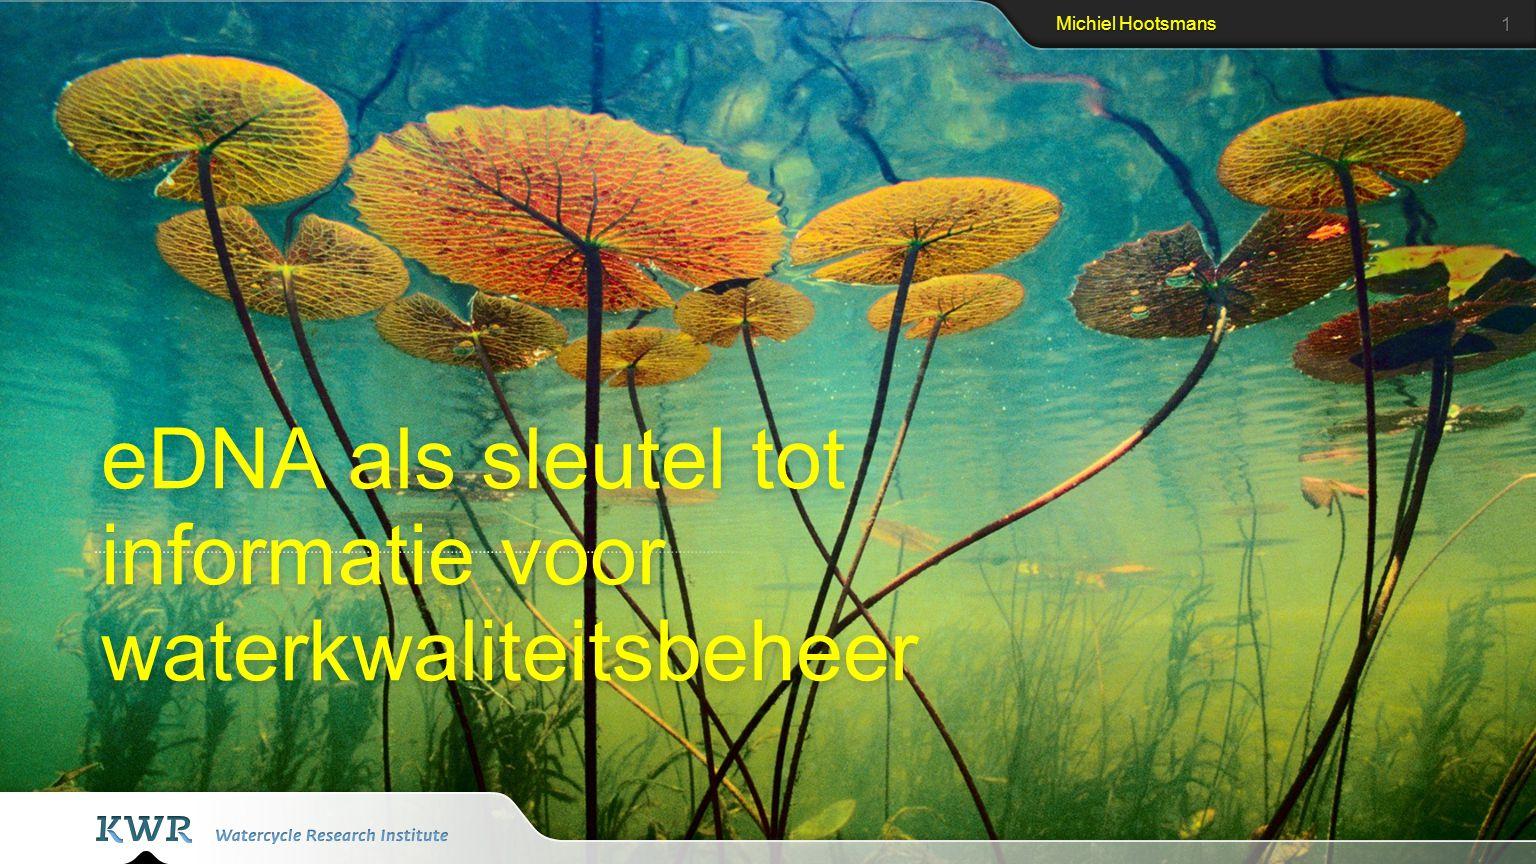 Michiel Hootsmans 1 eDNA als sleutel tot informatie voor waterkwaliteitsbeheer